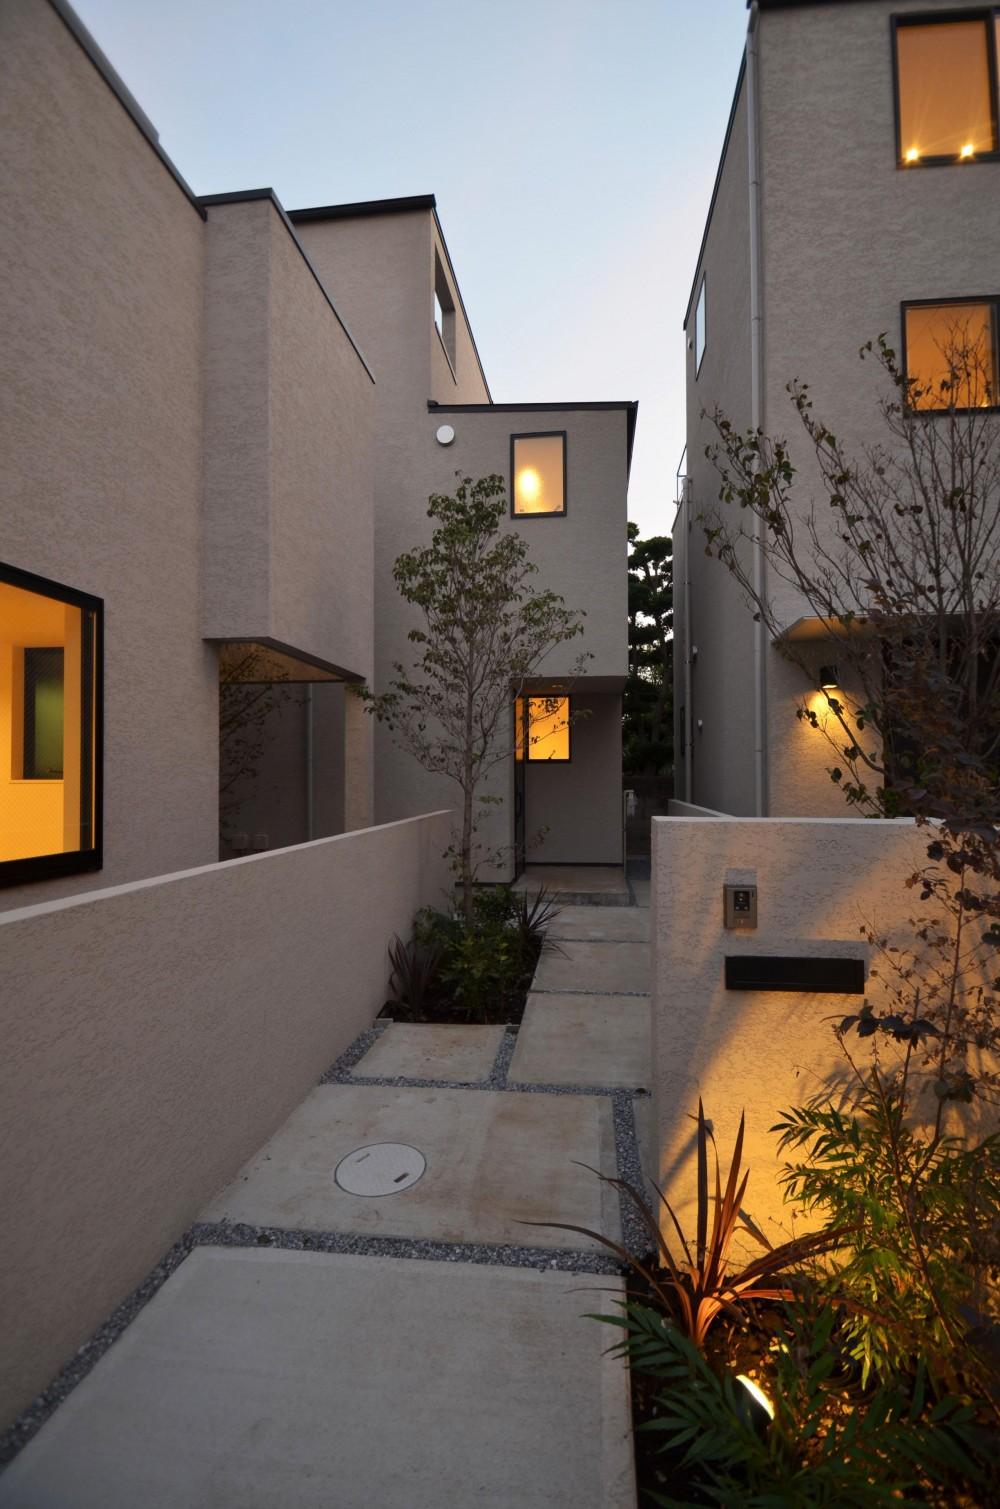 中村プロジェクト-注文住宅同様に丁寧につくりあげた5棟の建売住宅- (E棟外観)